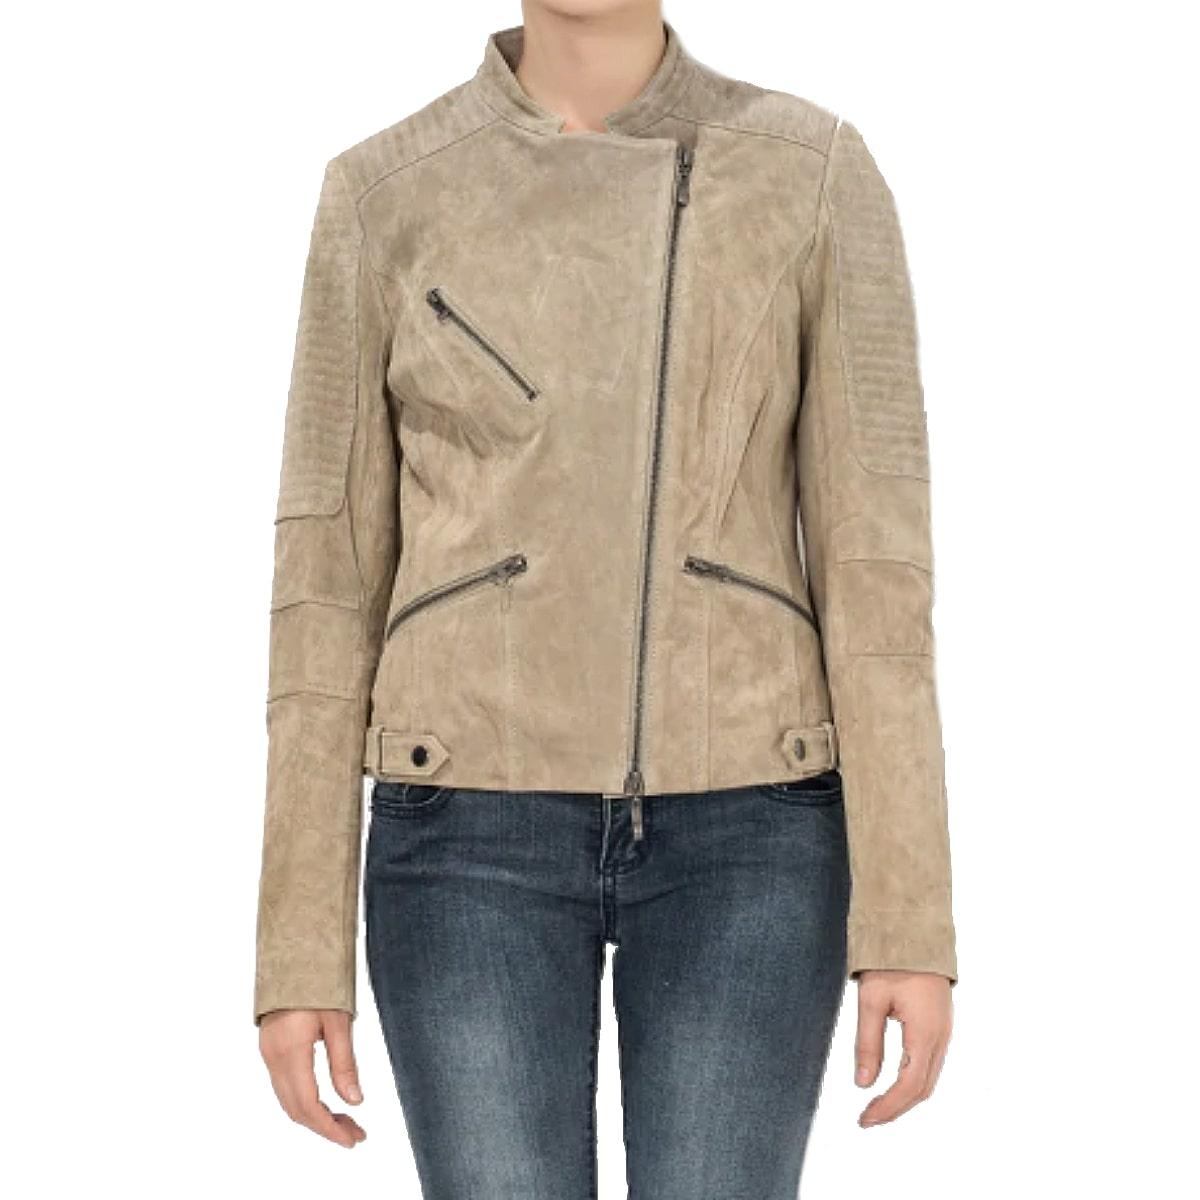 【送料無料!】全7サイズ! [Women's Beige Pigskin Genuine Leather Slim Fit Riders Jacket] レディース ベージュ ピッグスキン ジェニュインレザー スリムフィット ライダースジャケット! ウィメンズ 女性用 本革 豚革 革ジャン コート アウター バイクに!